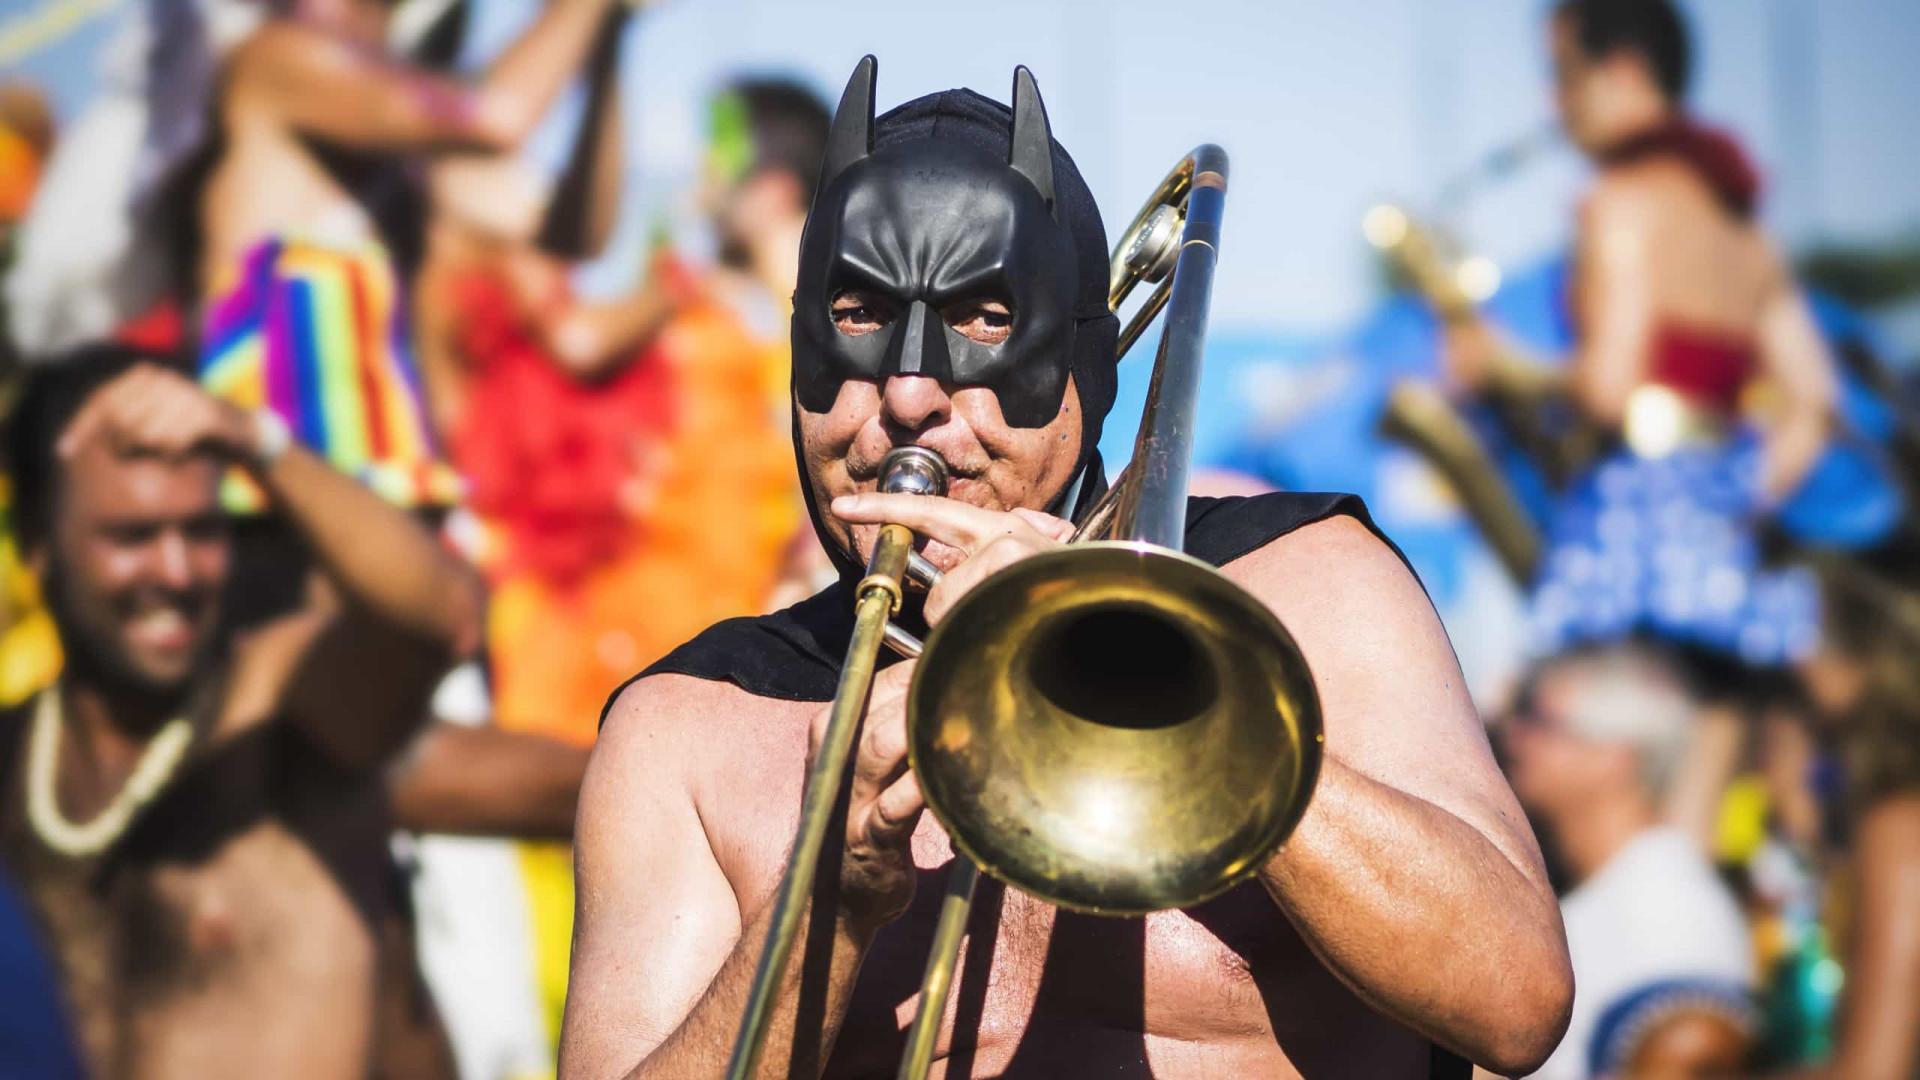 Ecad divulga lista com as 50 músicas mais tocadas no carnaval